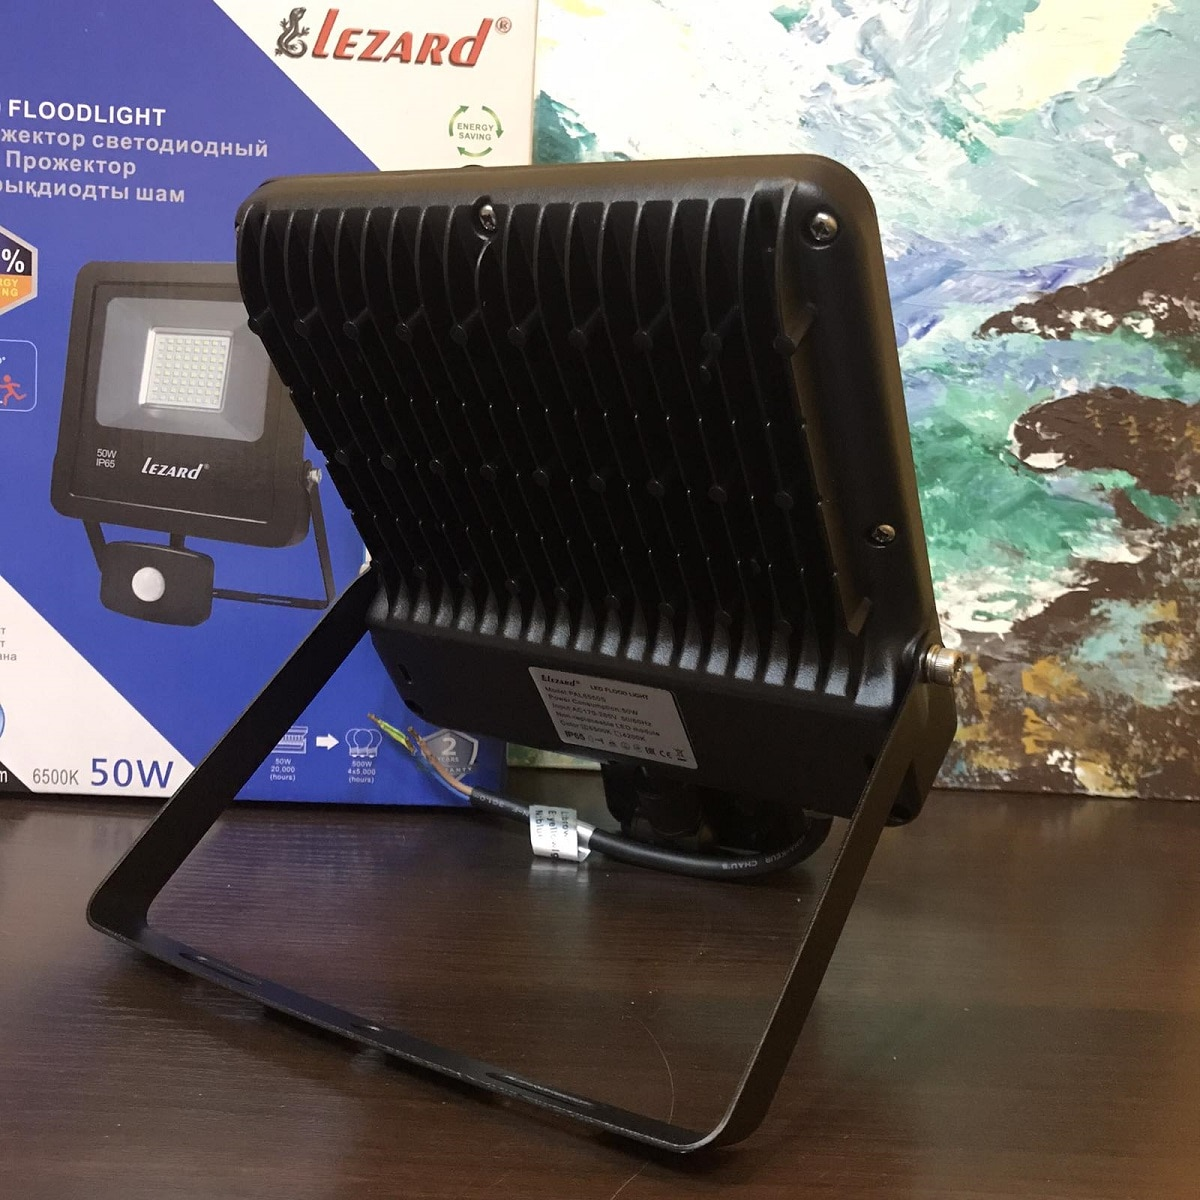 Светодиодное освещение - Прожектор с датчиком движения 50Вт Lezard 000001133 - Фото 4